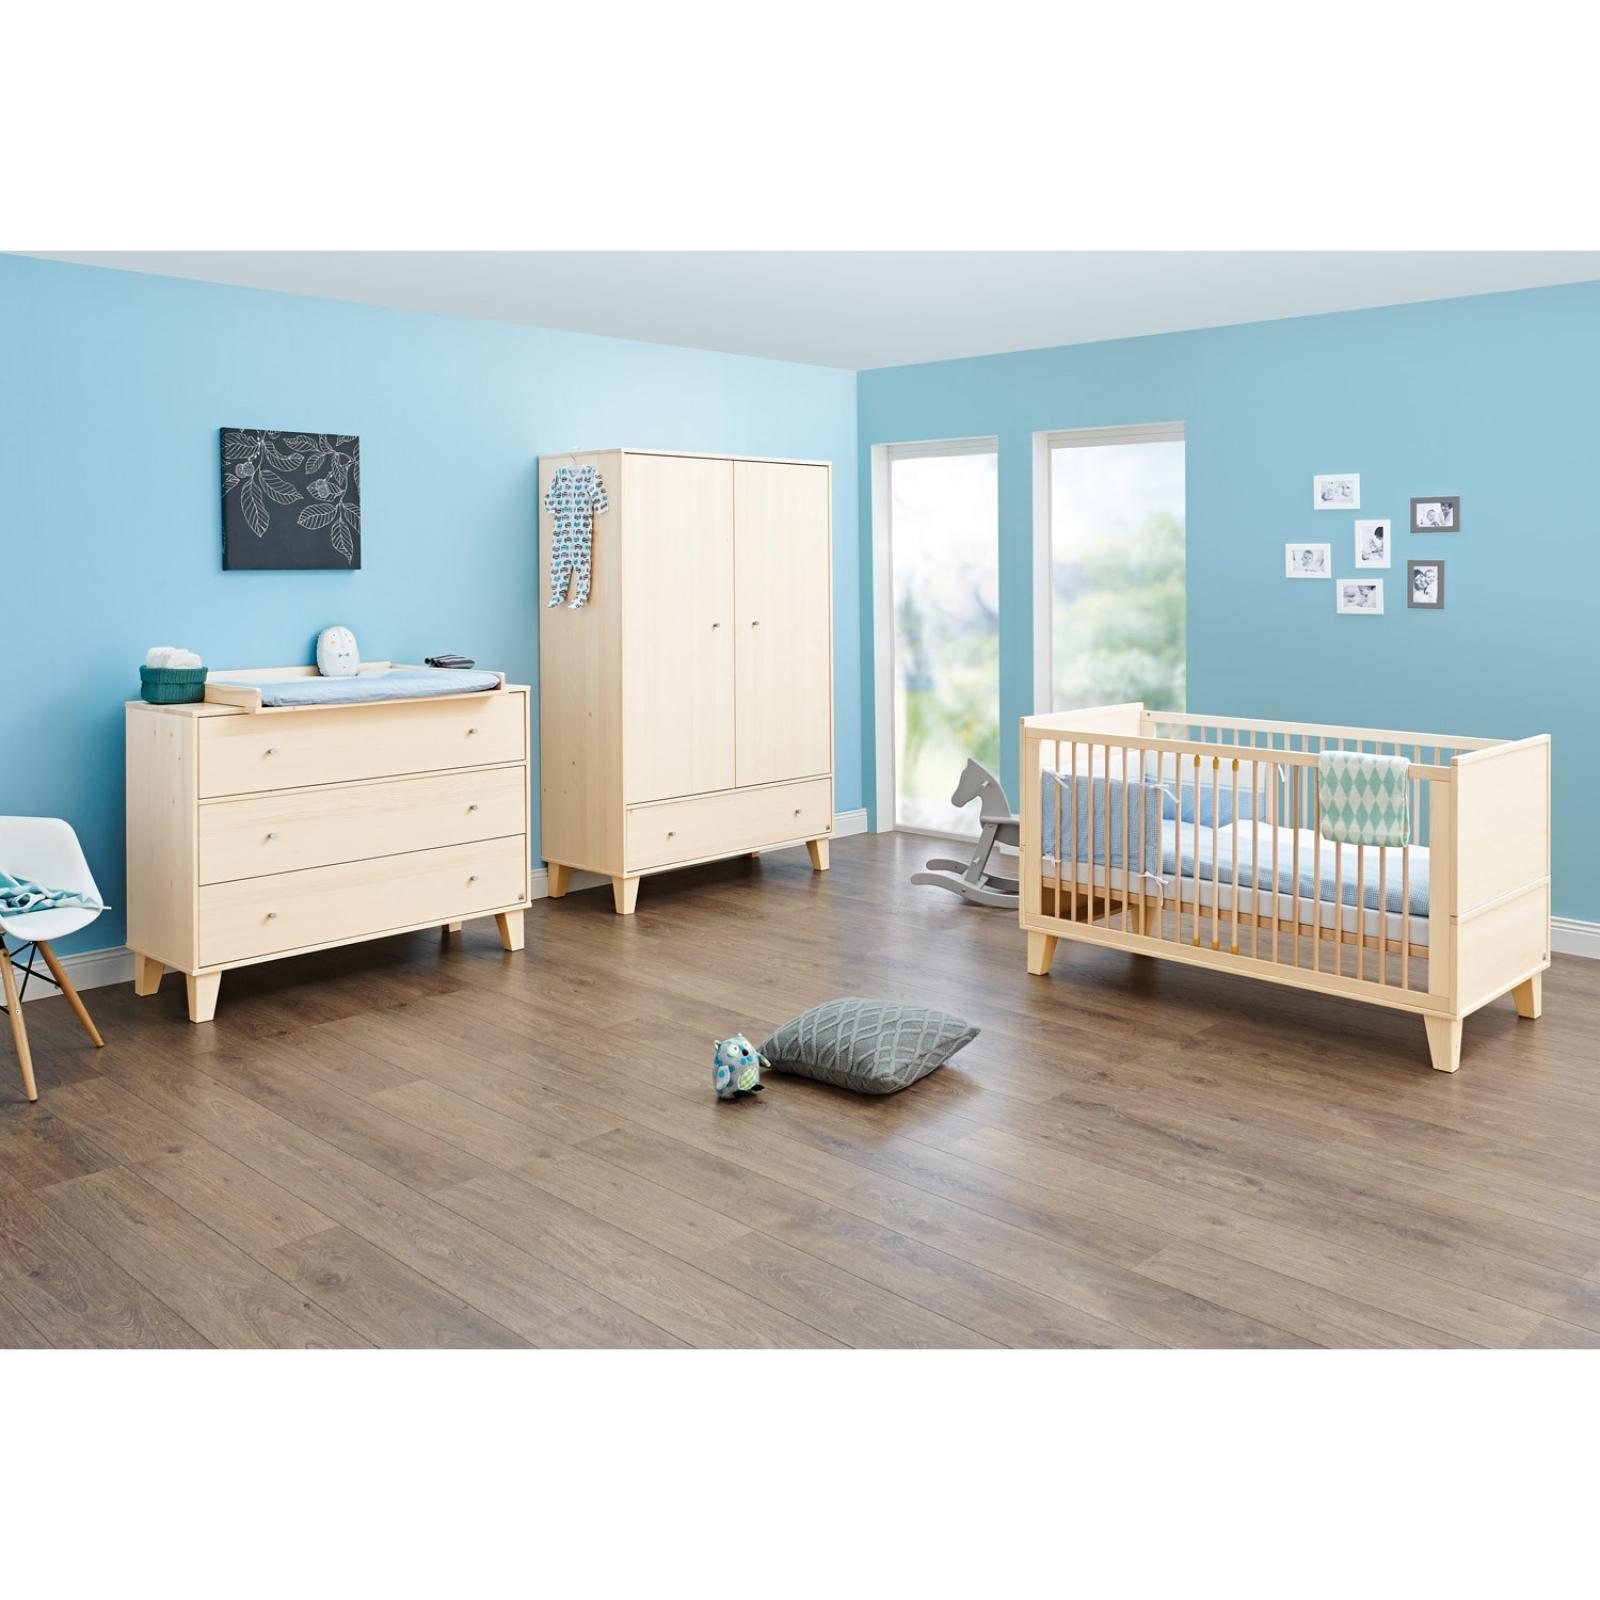 Chambre bébé complète charles   lestendances.fr